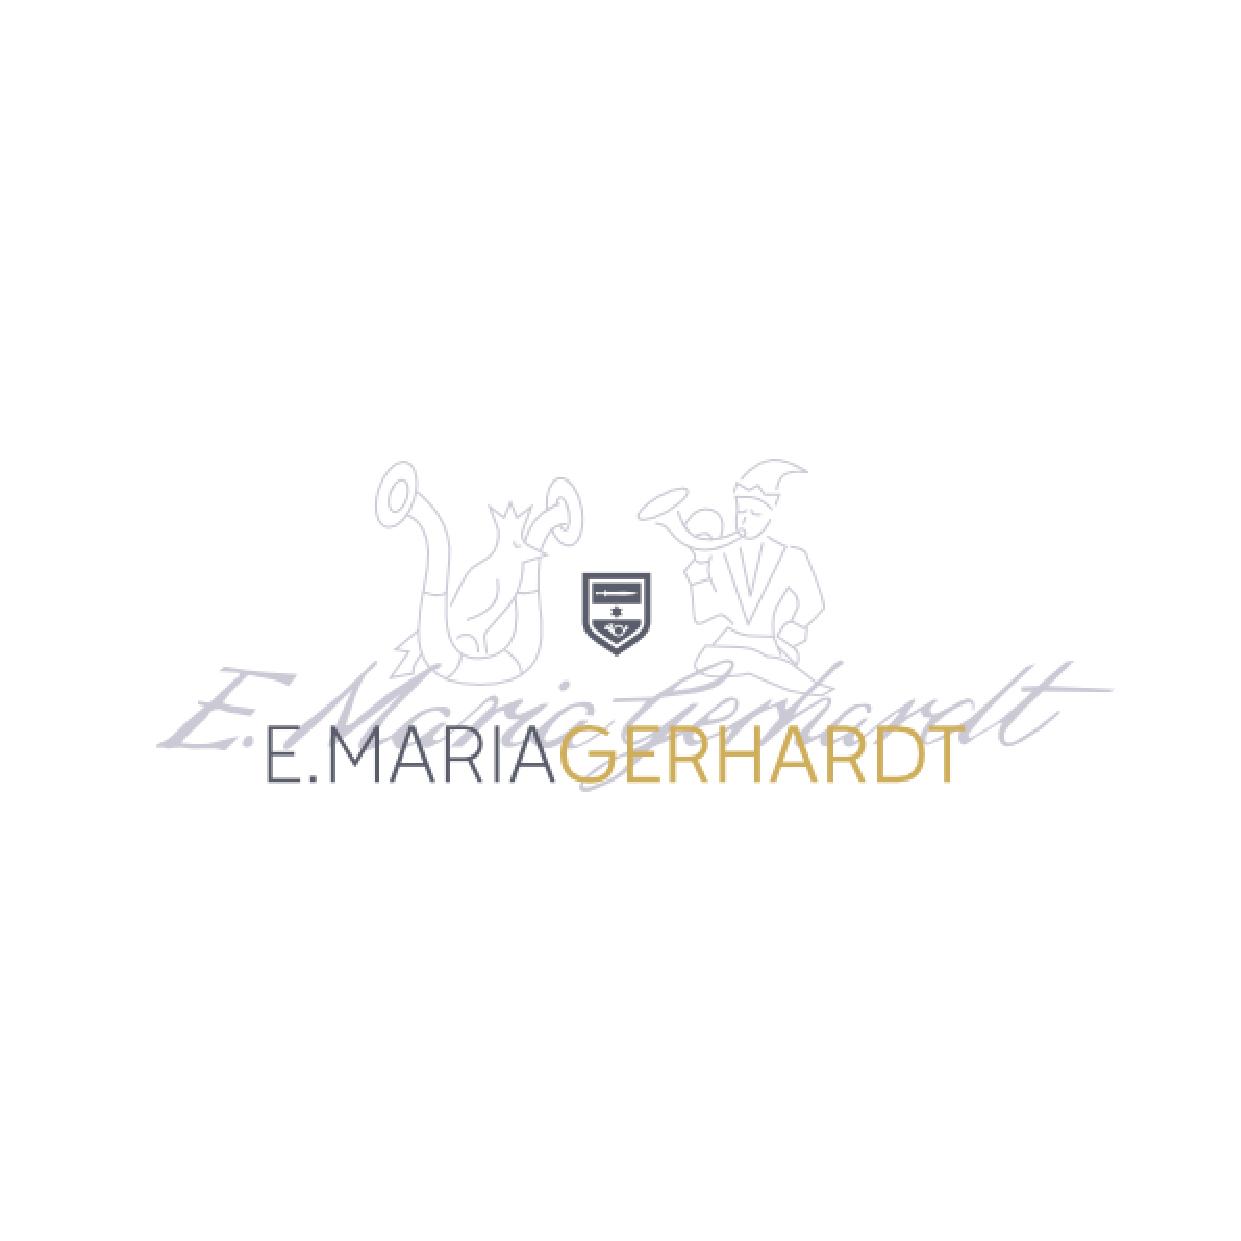 Logo_Gerhard_Zeichenfläche 1.jpg